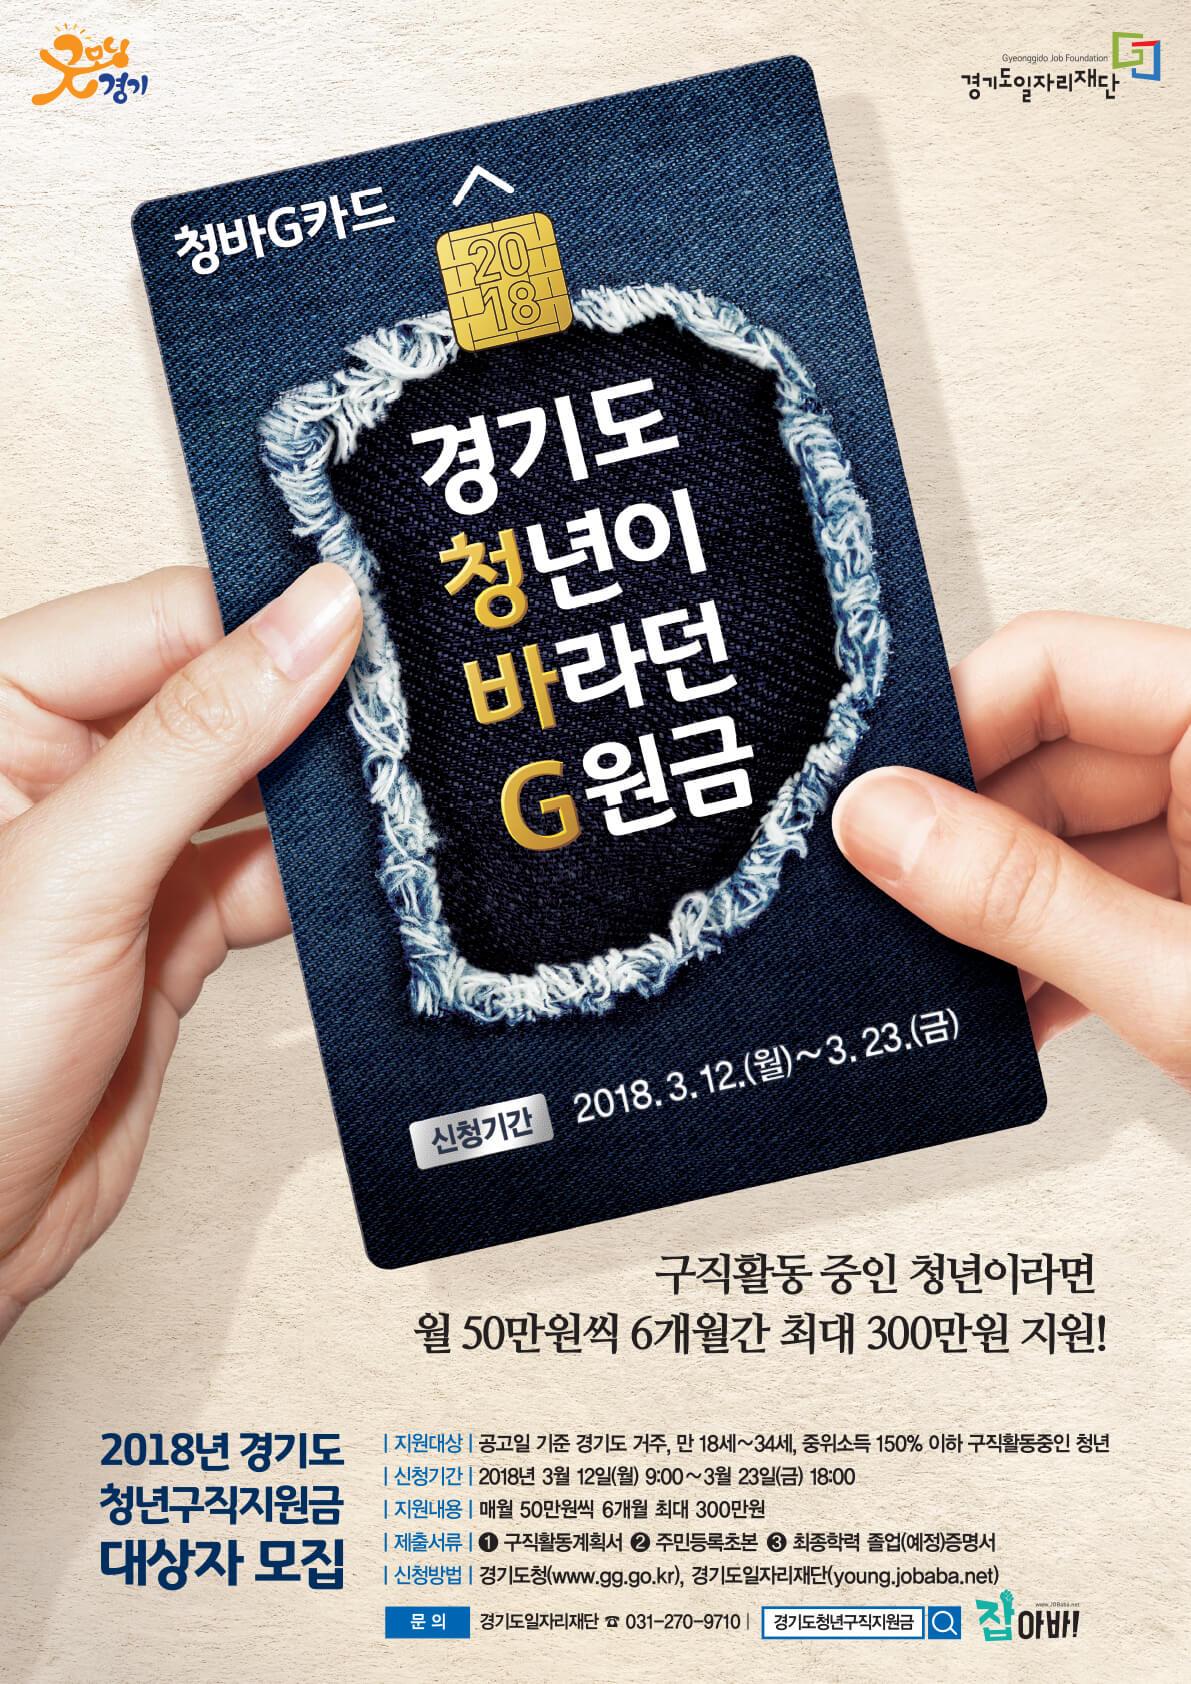 2018년 경기도 청년구직지원금 모집